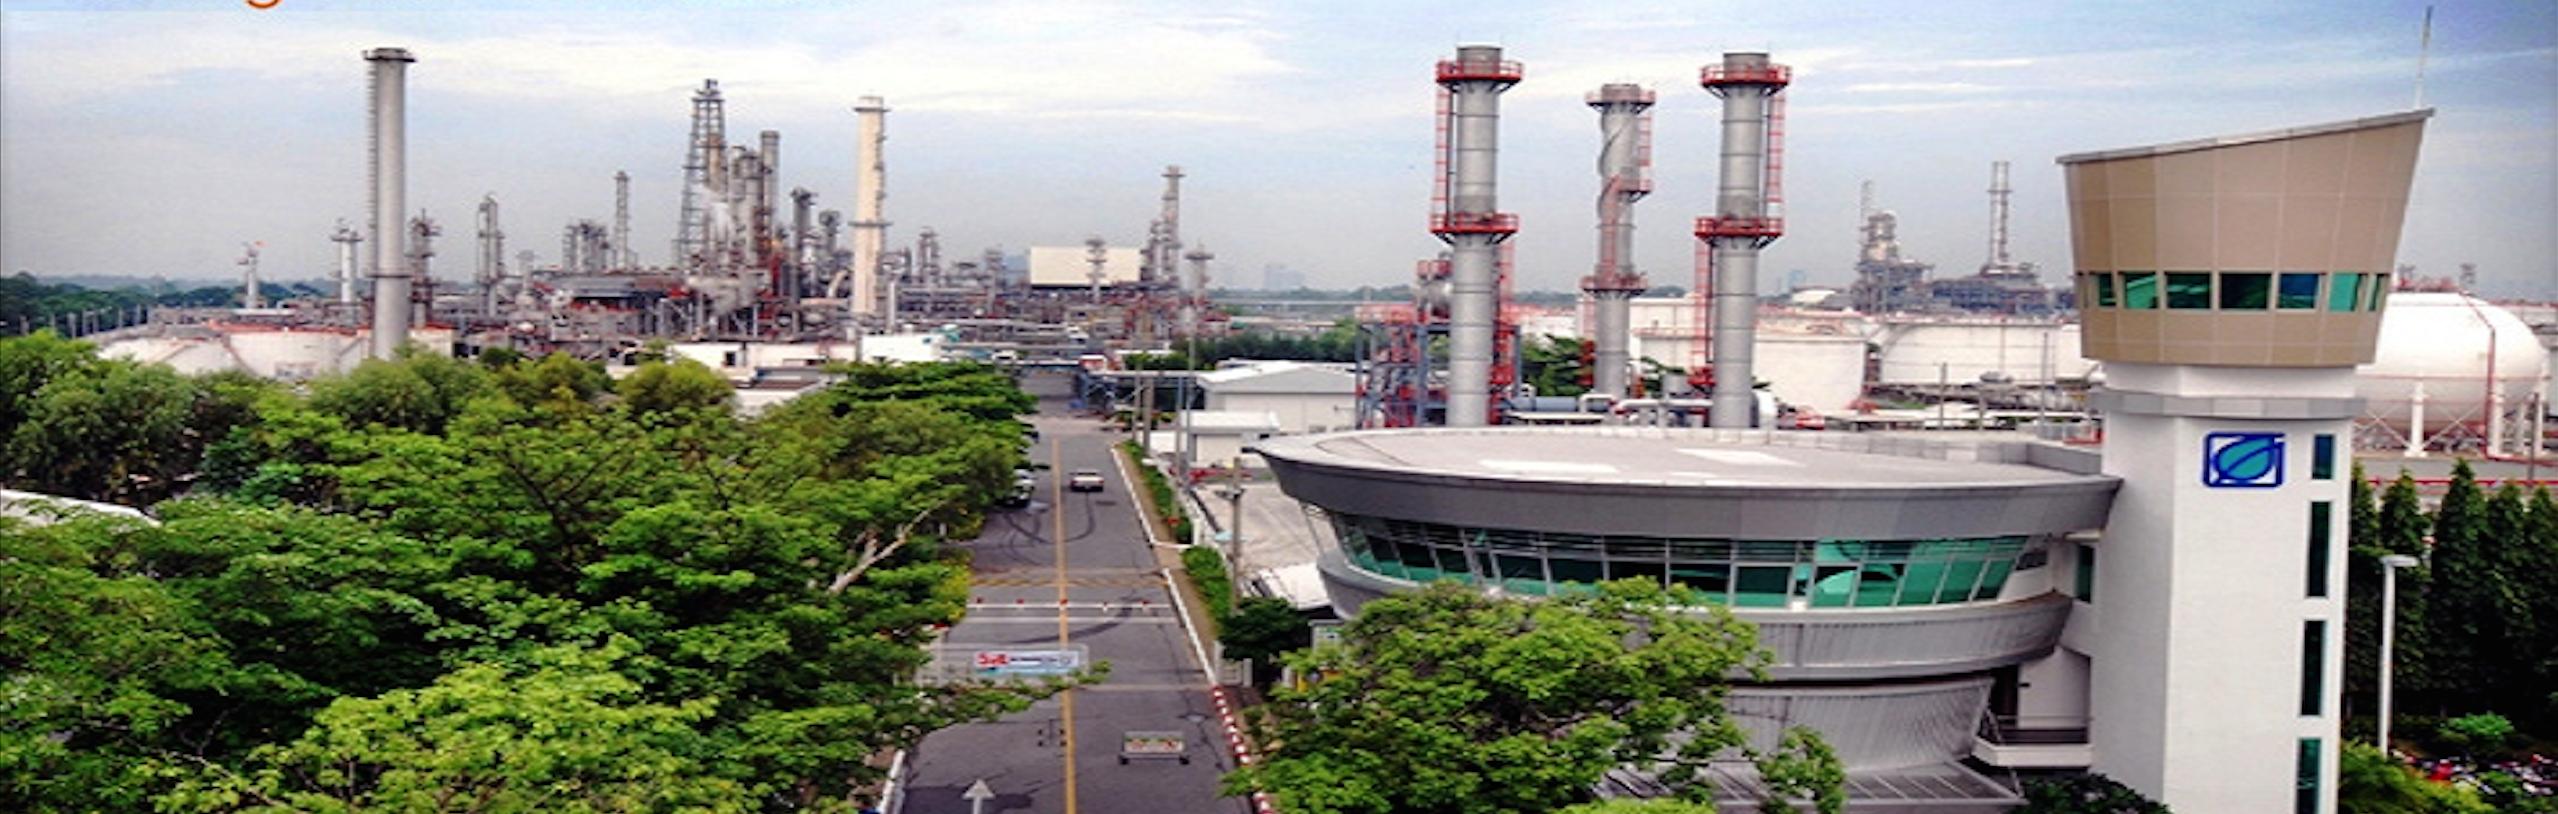 Dung dịch vệ sinh béc dầu (súc béc dầu) nhập khẩu Thái Lan – BCP DIESEL FUEL CONDITIONER – 200 ml